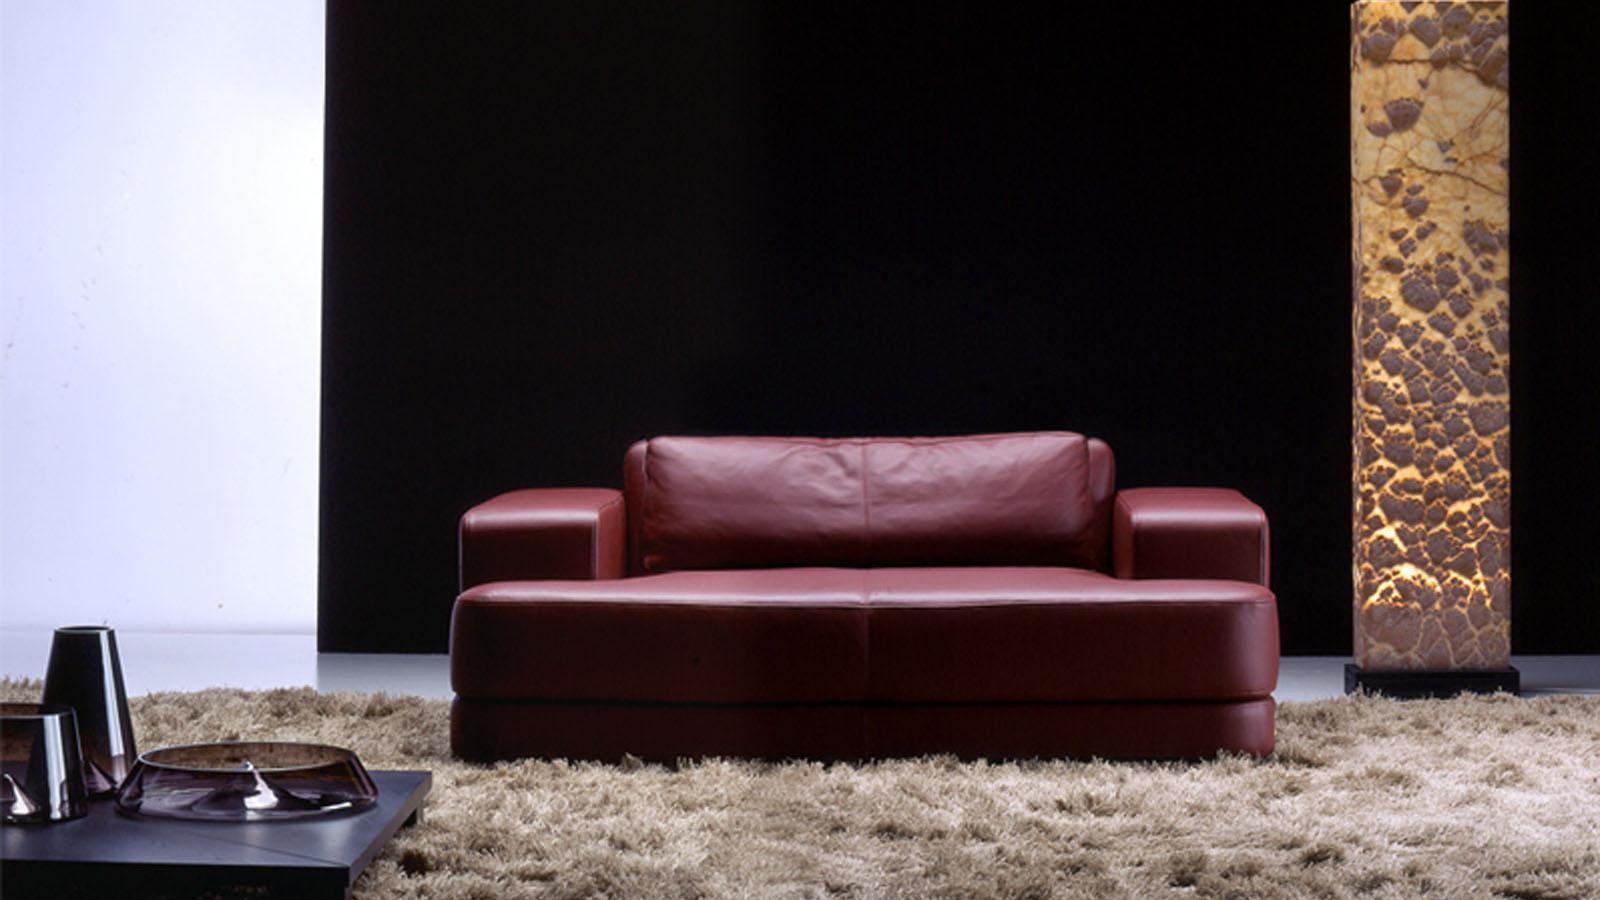 Edipo FRIGHETTO - divano